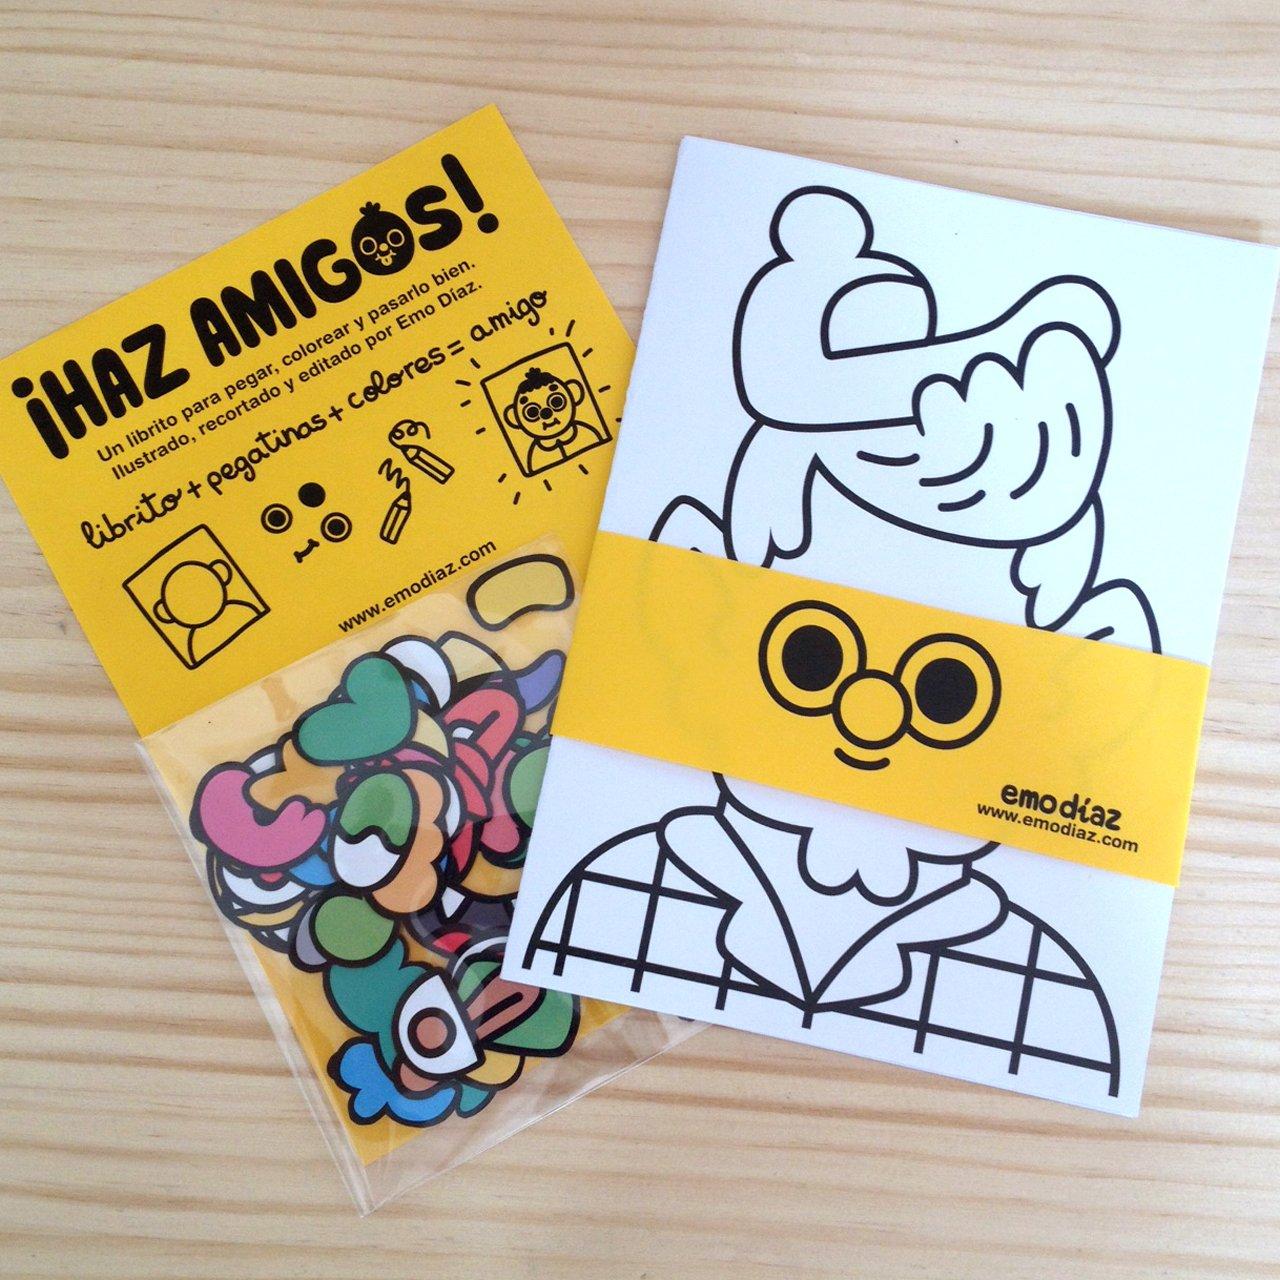 Image of Haz Amigos